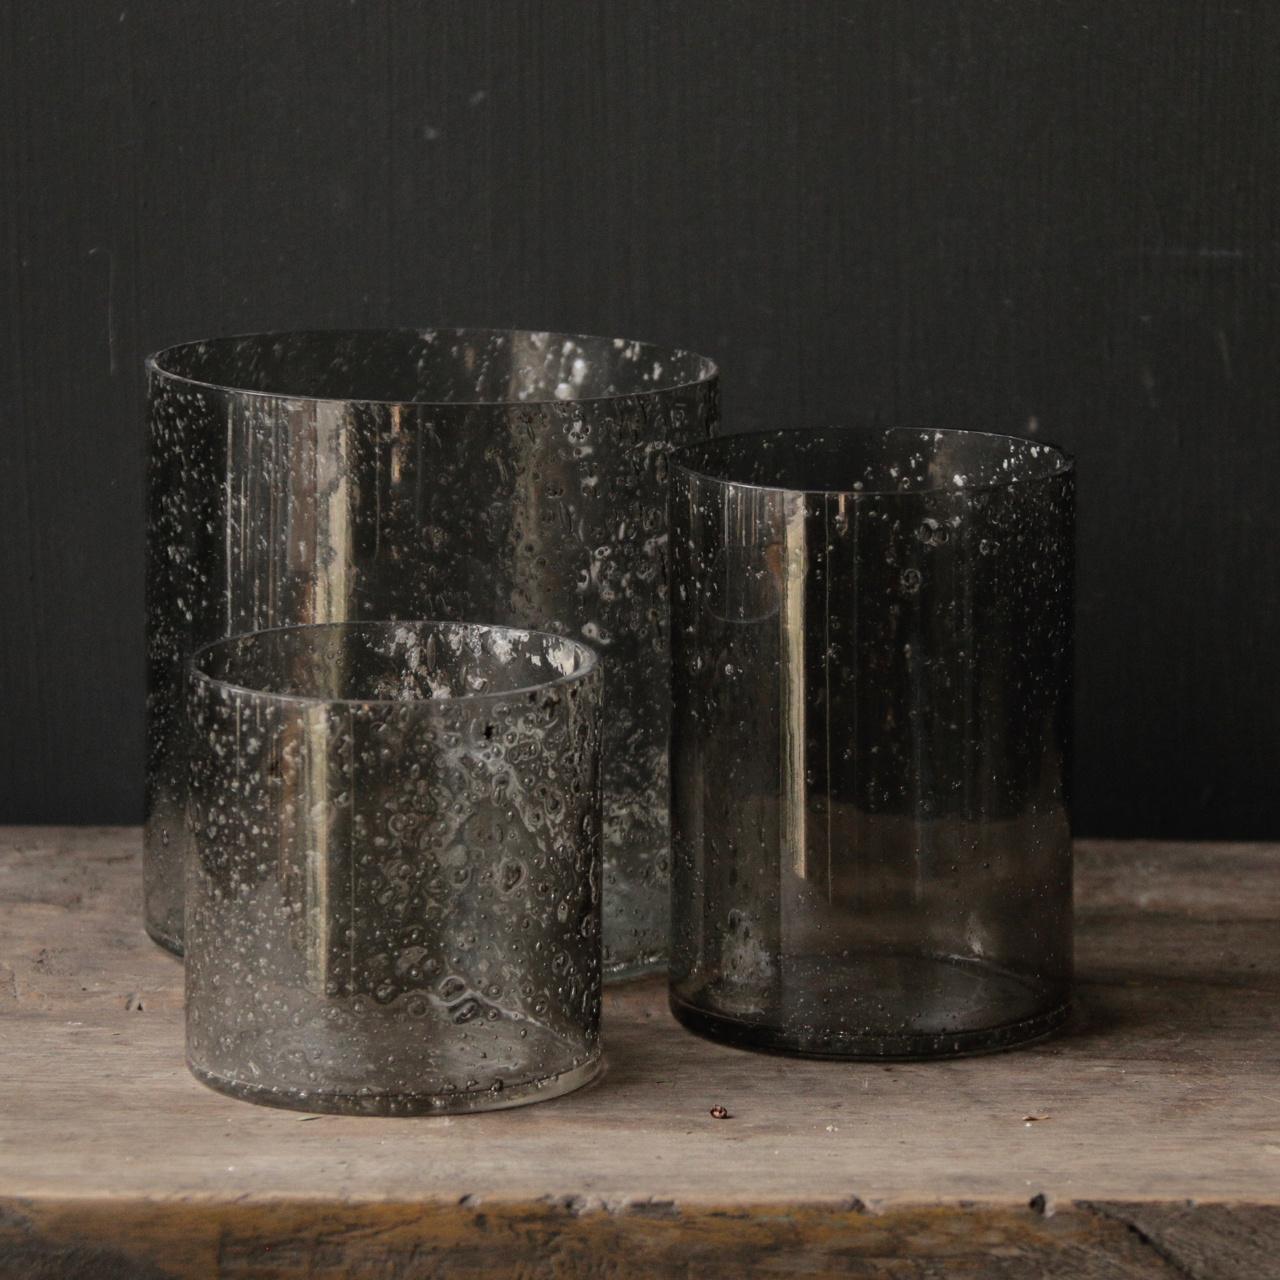 Glaslaternen mit Metallteilen in der Farbe grau-4